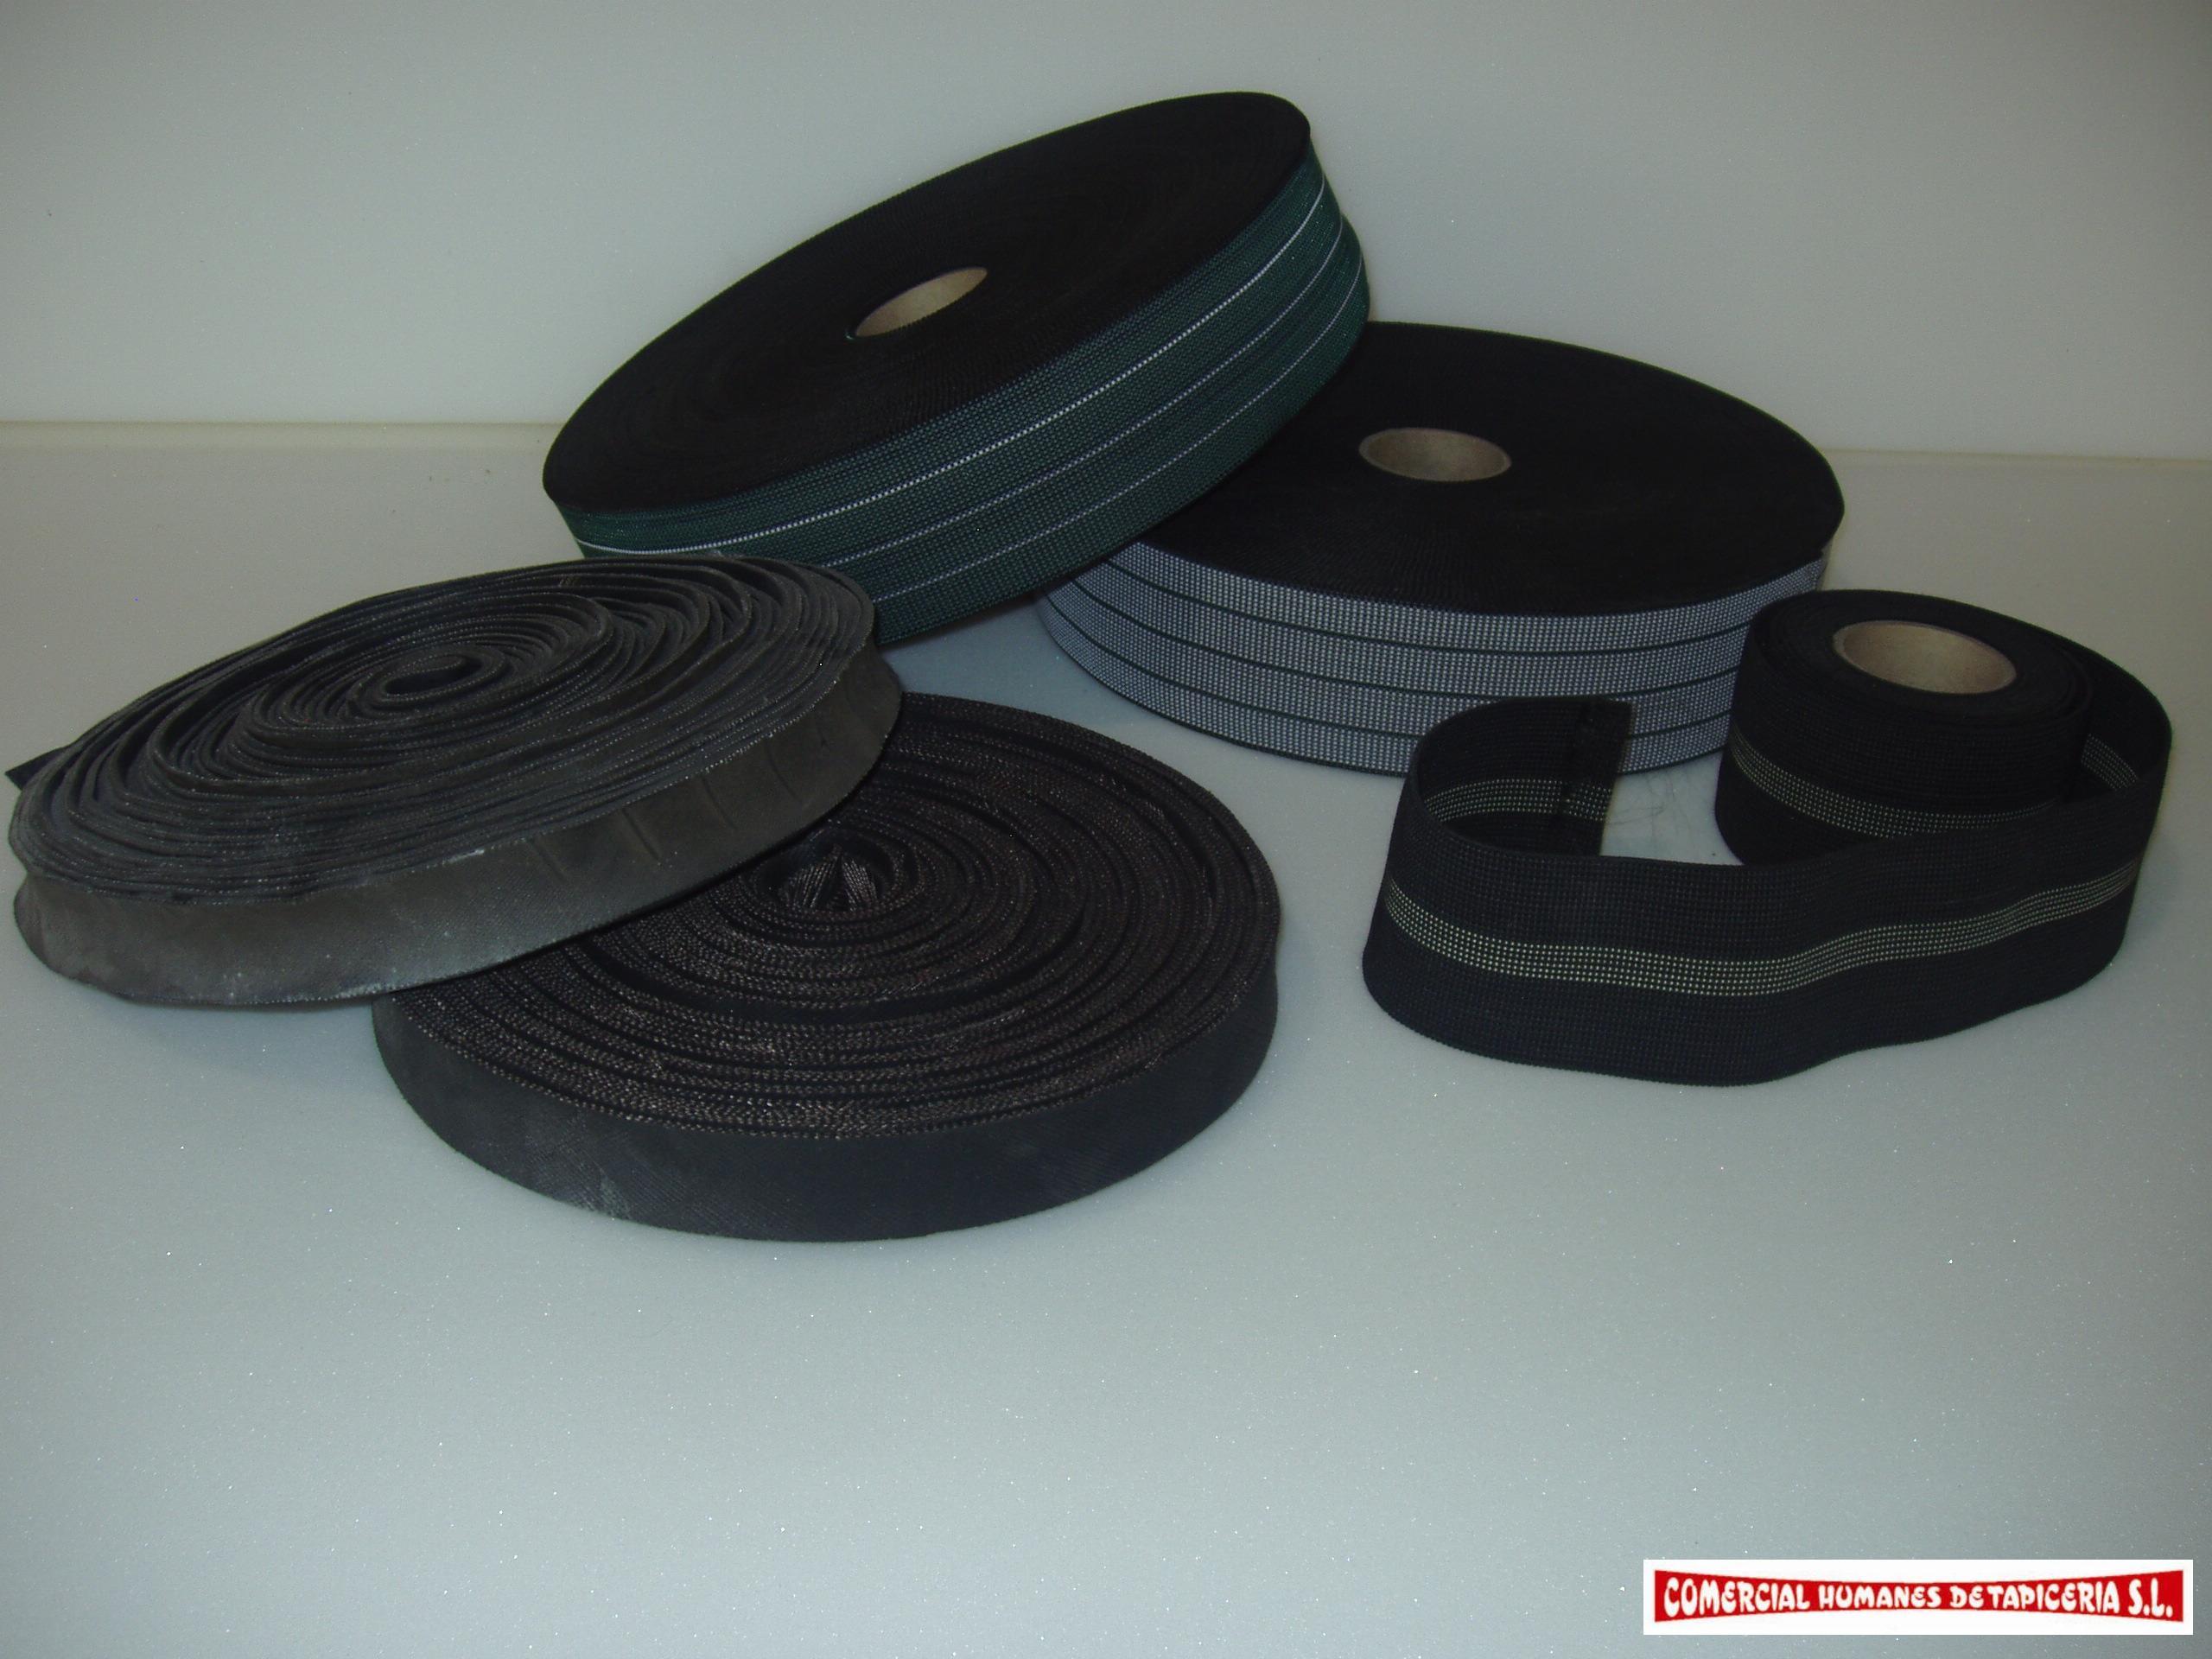 Cincha Elástica y Tiracor Neumático: Productos y Servicios de Comercial Humanes de Tapicería, S.L.